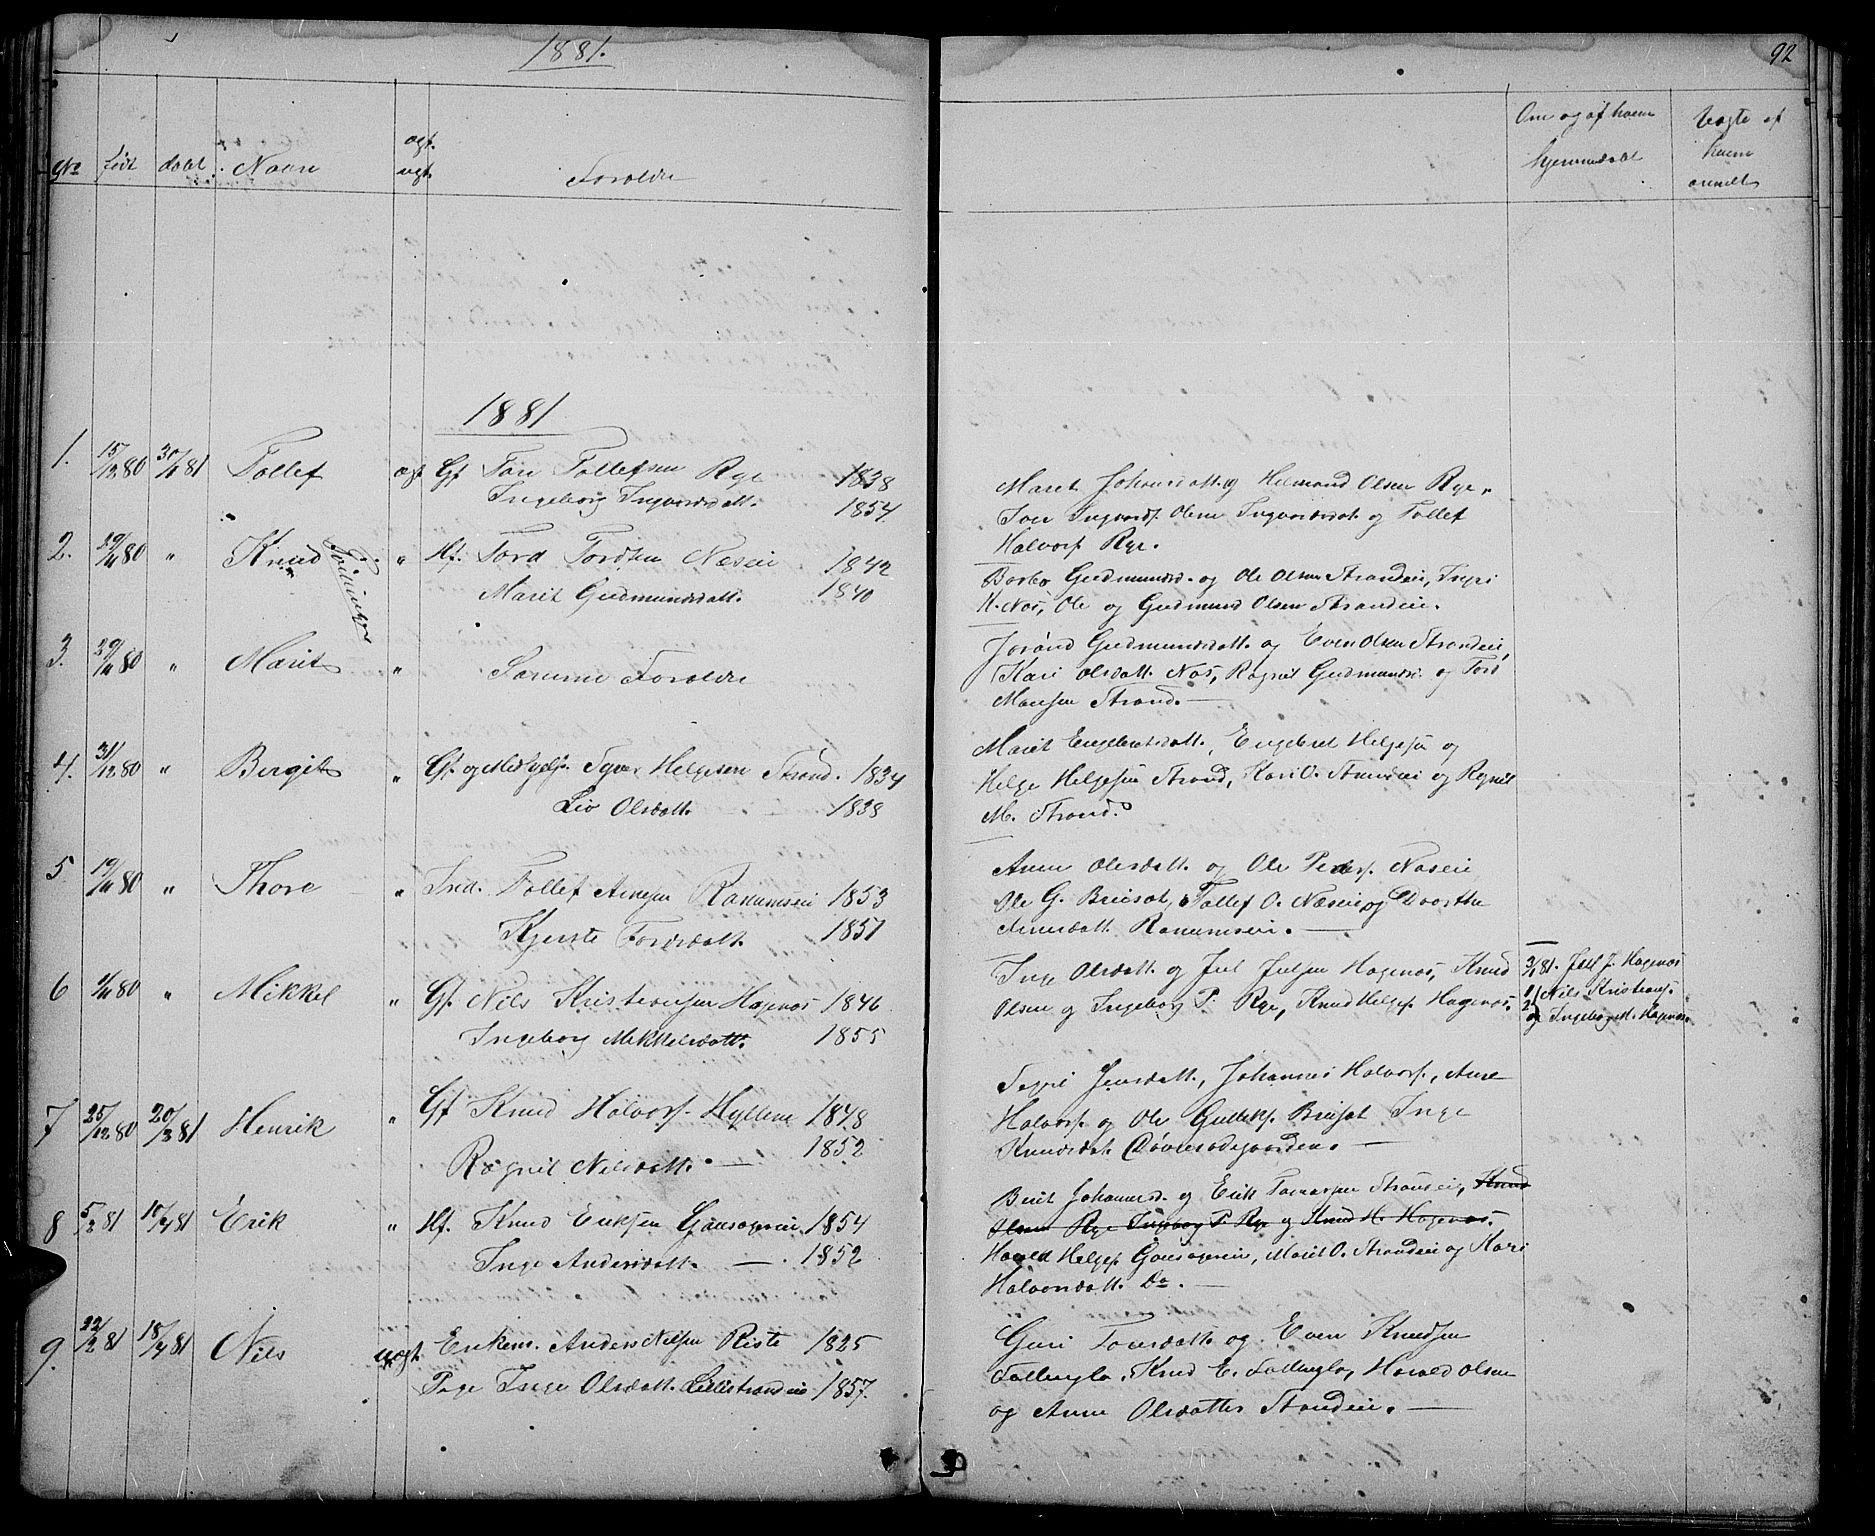 SAH, Nord-Aurdal prestekontor, Klokkerbok nr. 3, 1842-1882, s. 92